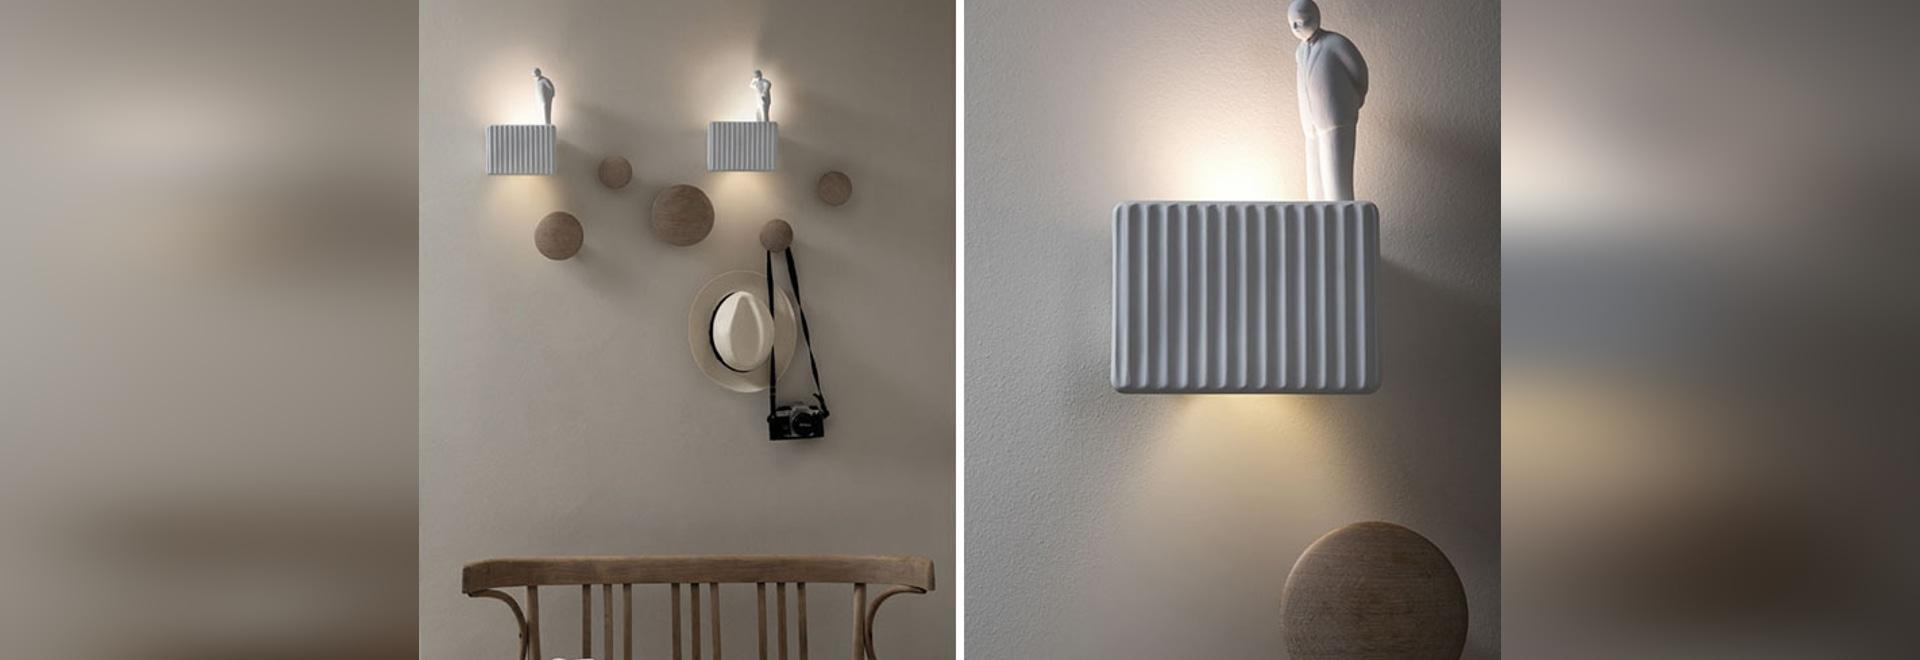 Questo design lampada da parete è stata ispirata da uomini italiani guardando il lavoro che viene fatto su un cantiere edilizio